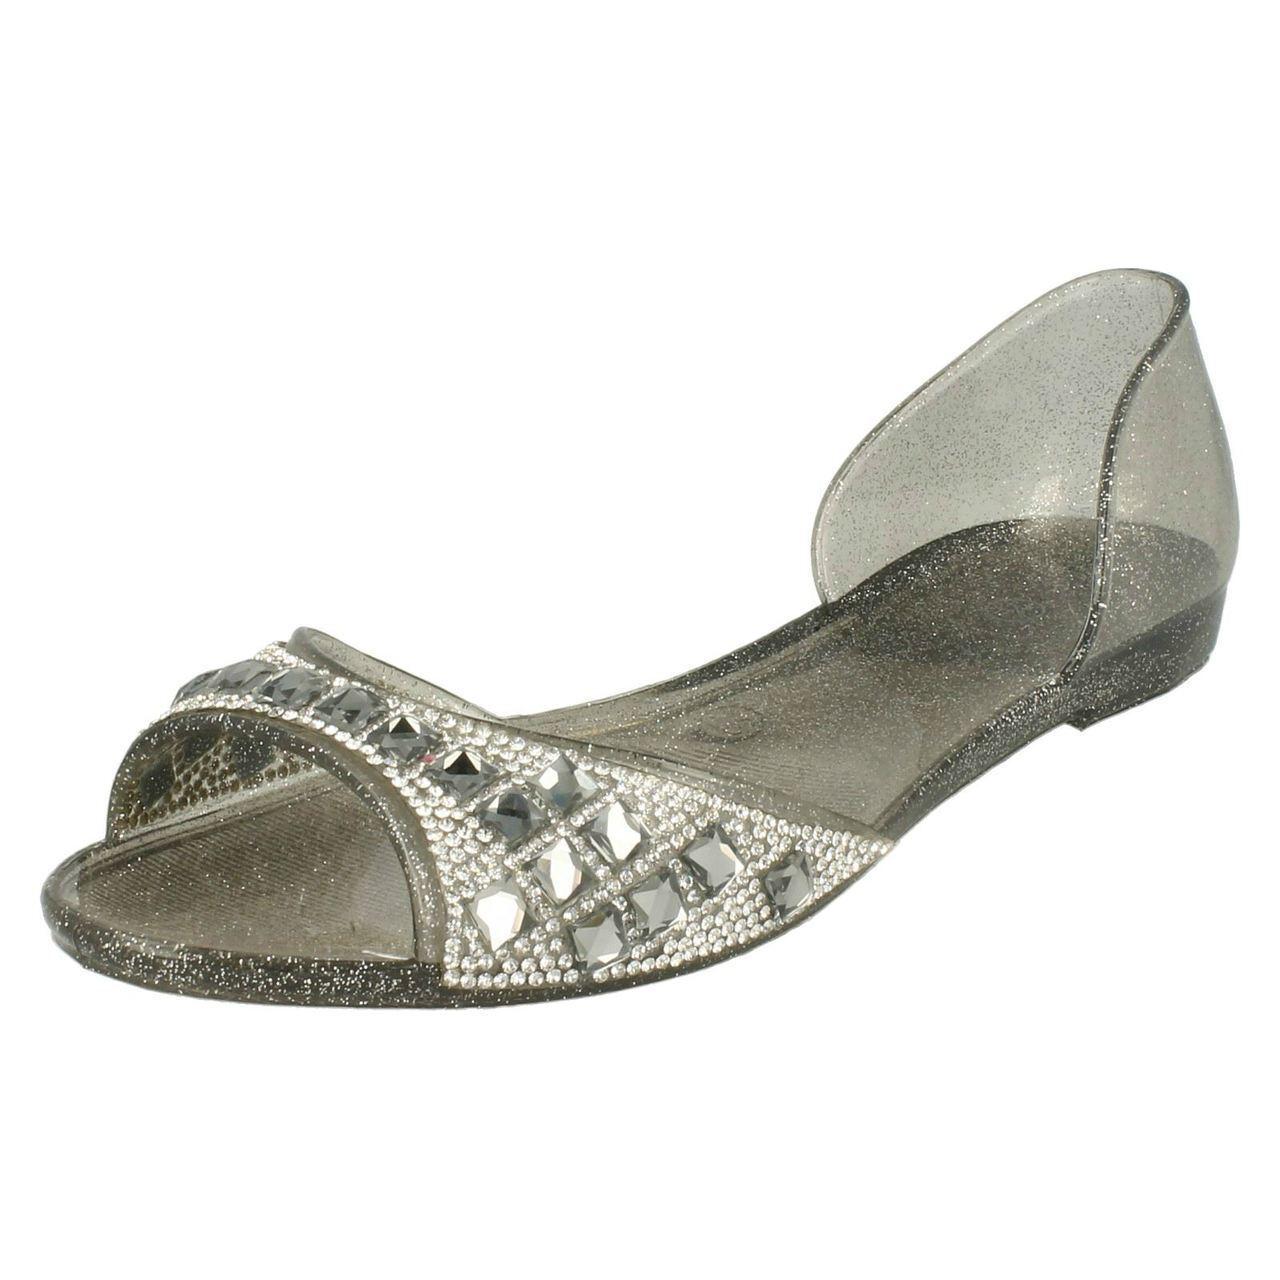 Oferta Spot On F0794 las Señoras Estaño Toe Verano Encuesta/Playa Zapatos Peep Toe Estaño 0584b1